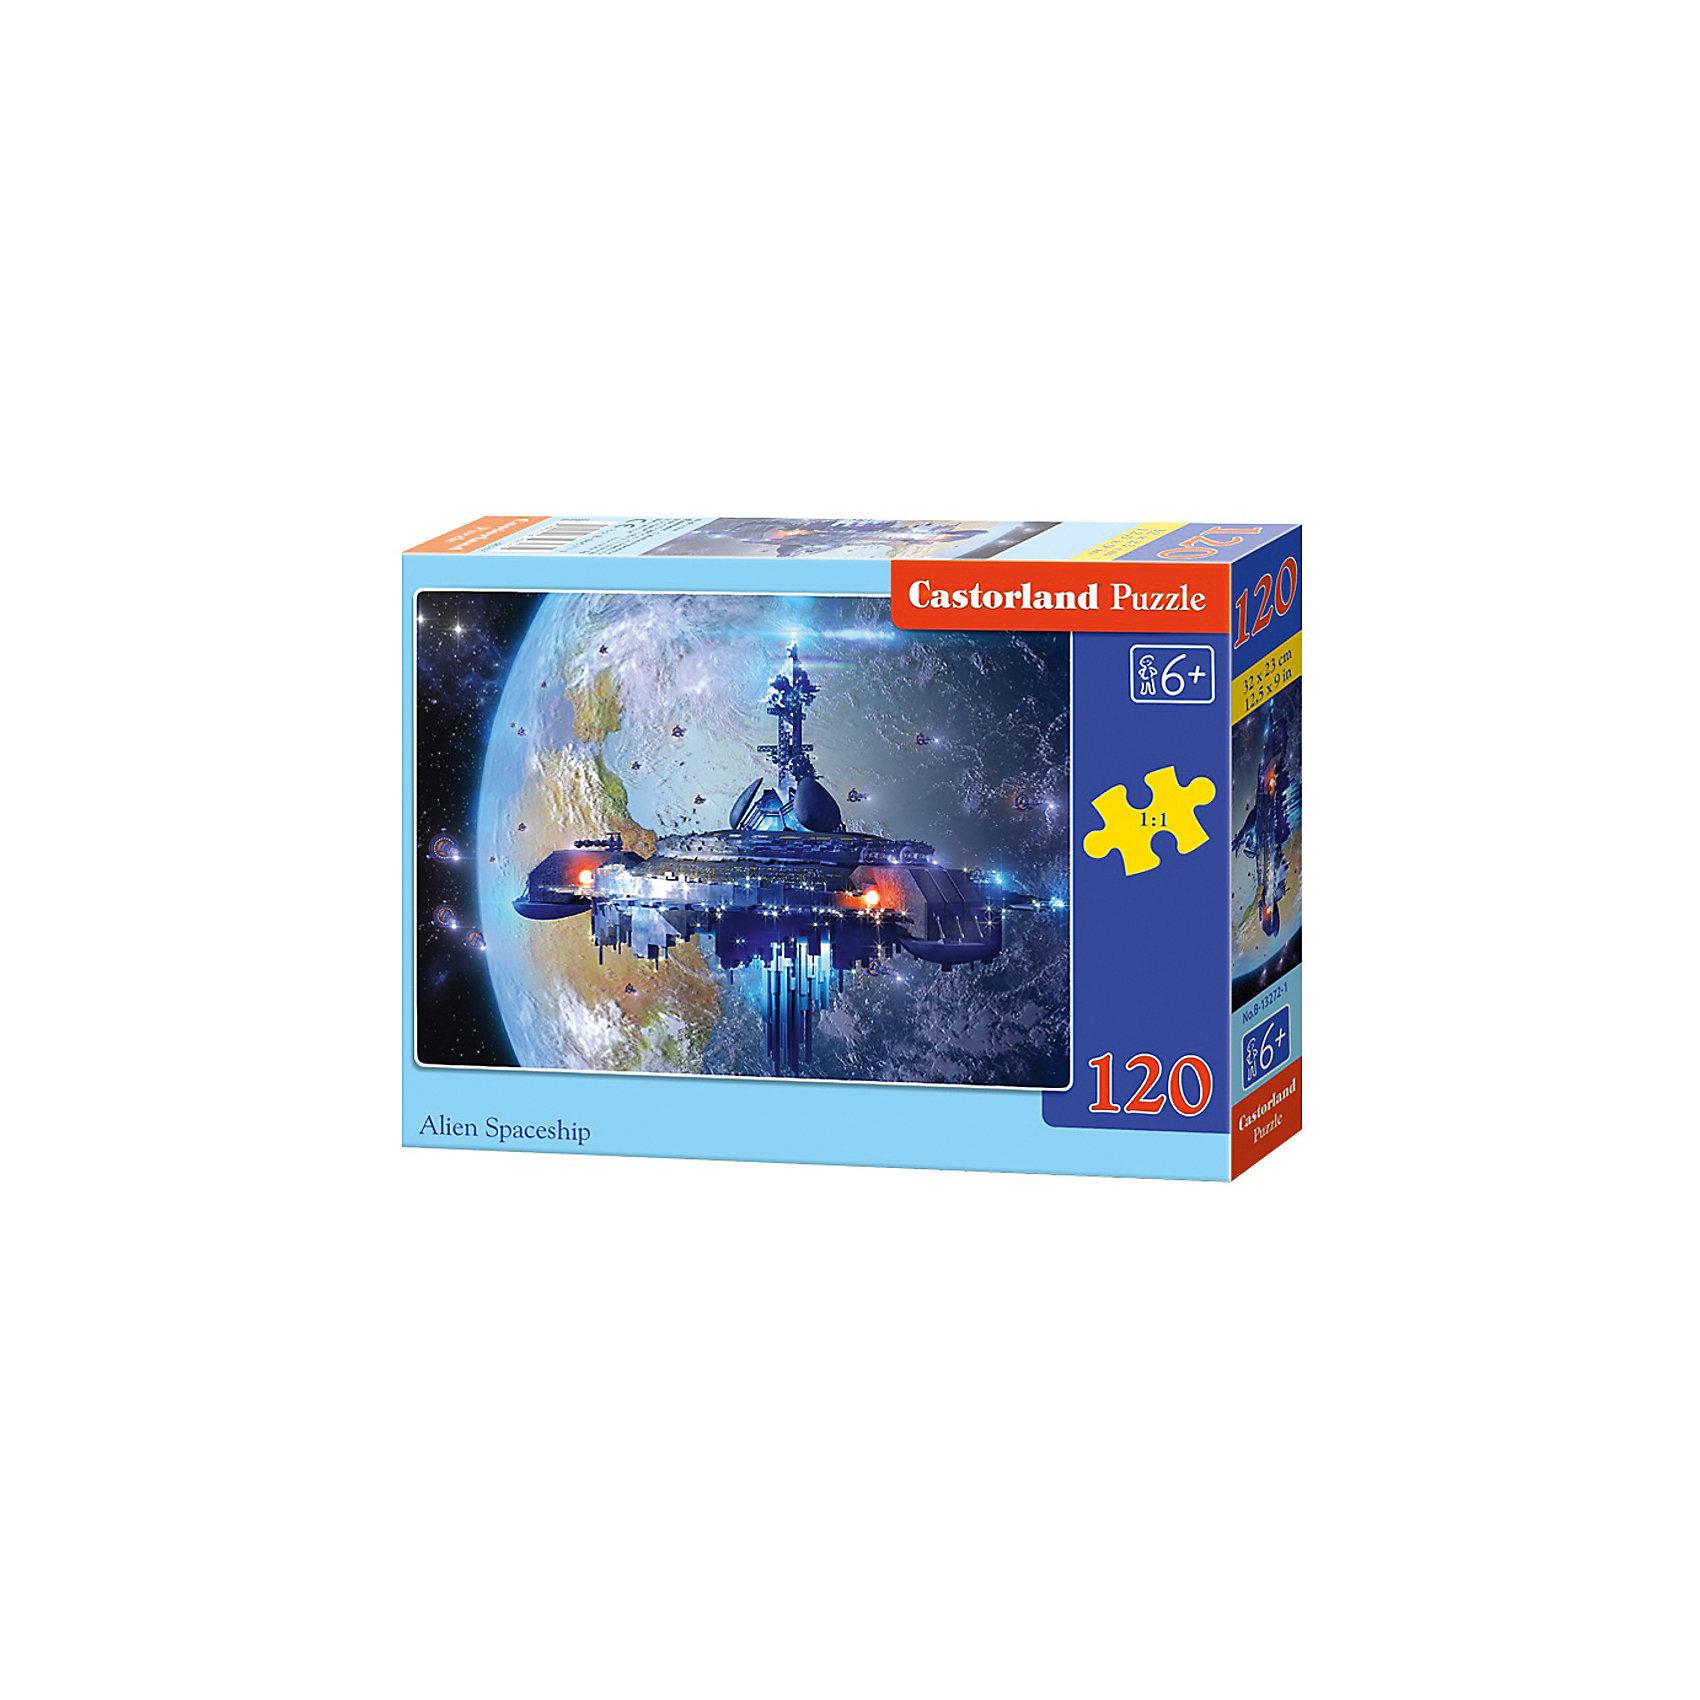 Пазл Castorland Космический корабль, 120 деталейКлассические пазлы<br>Характеристики:<br><br>• возраст: от 6 лет<br>• количество деталей: 120 шт.<br>• размер собранного пазла: 32х23 см.<br>• материал: картон<br>• упаковка: картонная коробка<br>• размер упаковки: 17,5x3,7x13 см.<br>• вес: 300 гр.<br>• страна обладатель бренда: Польша<br><br>Пазл «Космический корабль» от Castorland (Касторленд) отличается высоким качеством, высоким уровнем полиграфии, насыщенными цветами и идеальной стыковкой элементов. Из 120 элементов пазла ребенок соберет красочную картинку с изображением космического корабля на фоне неизвестной планеты.<br><br>Пазл Космический корабль, 120 деталей, Castorland (Касторленд) можно купить в нашем интернет-магазине.<br><br>Ширина мм: 175<br>Глубина мм: 130<br>Высота мм: 37<br>Вес г: 300<br>Возраст от месяцев: 72<br>Возраст до месяцев: 2147483647<br>Пол: Мужской<br>Возраст: Детский<br>SKU: 6725099